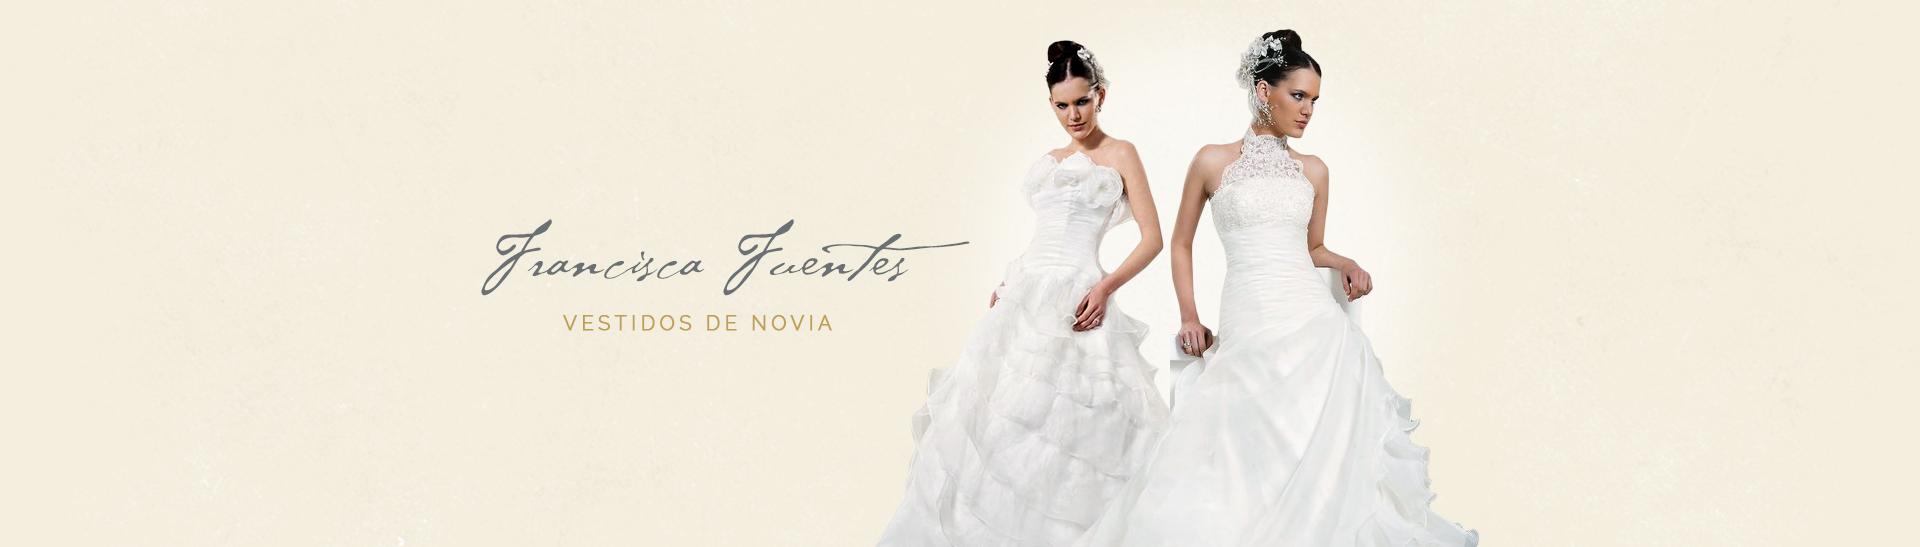 Francisca Fuentes Novias